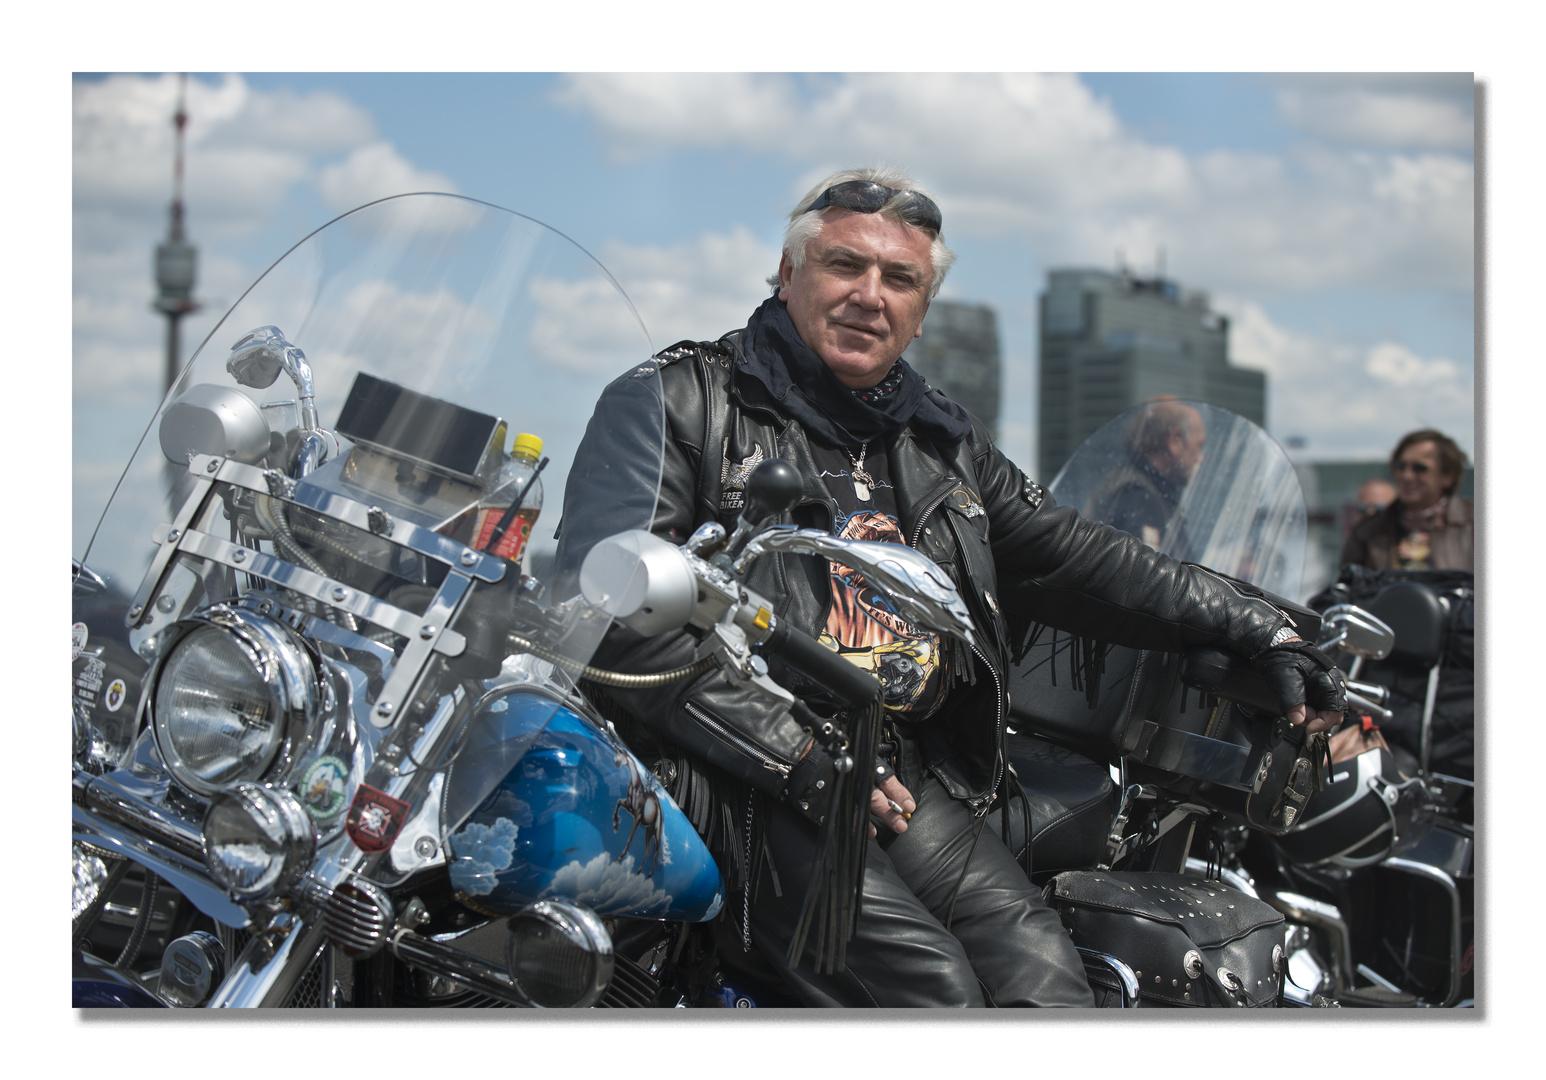 Harley Vienna 3